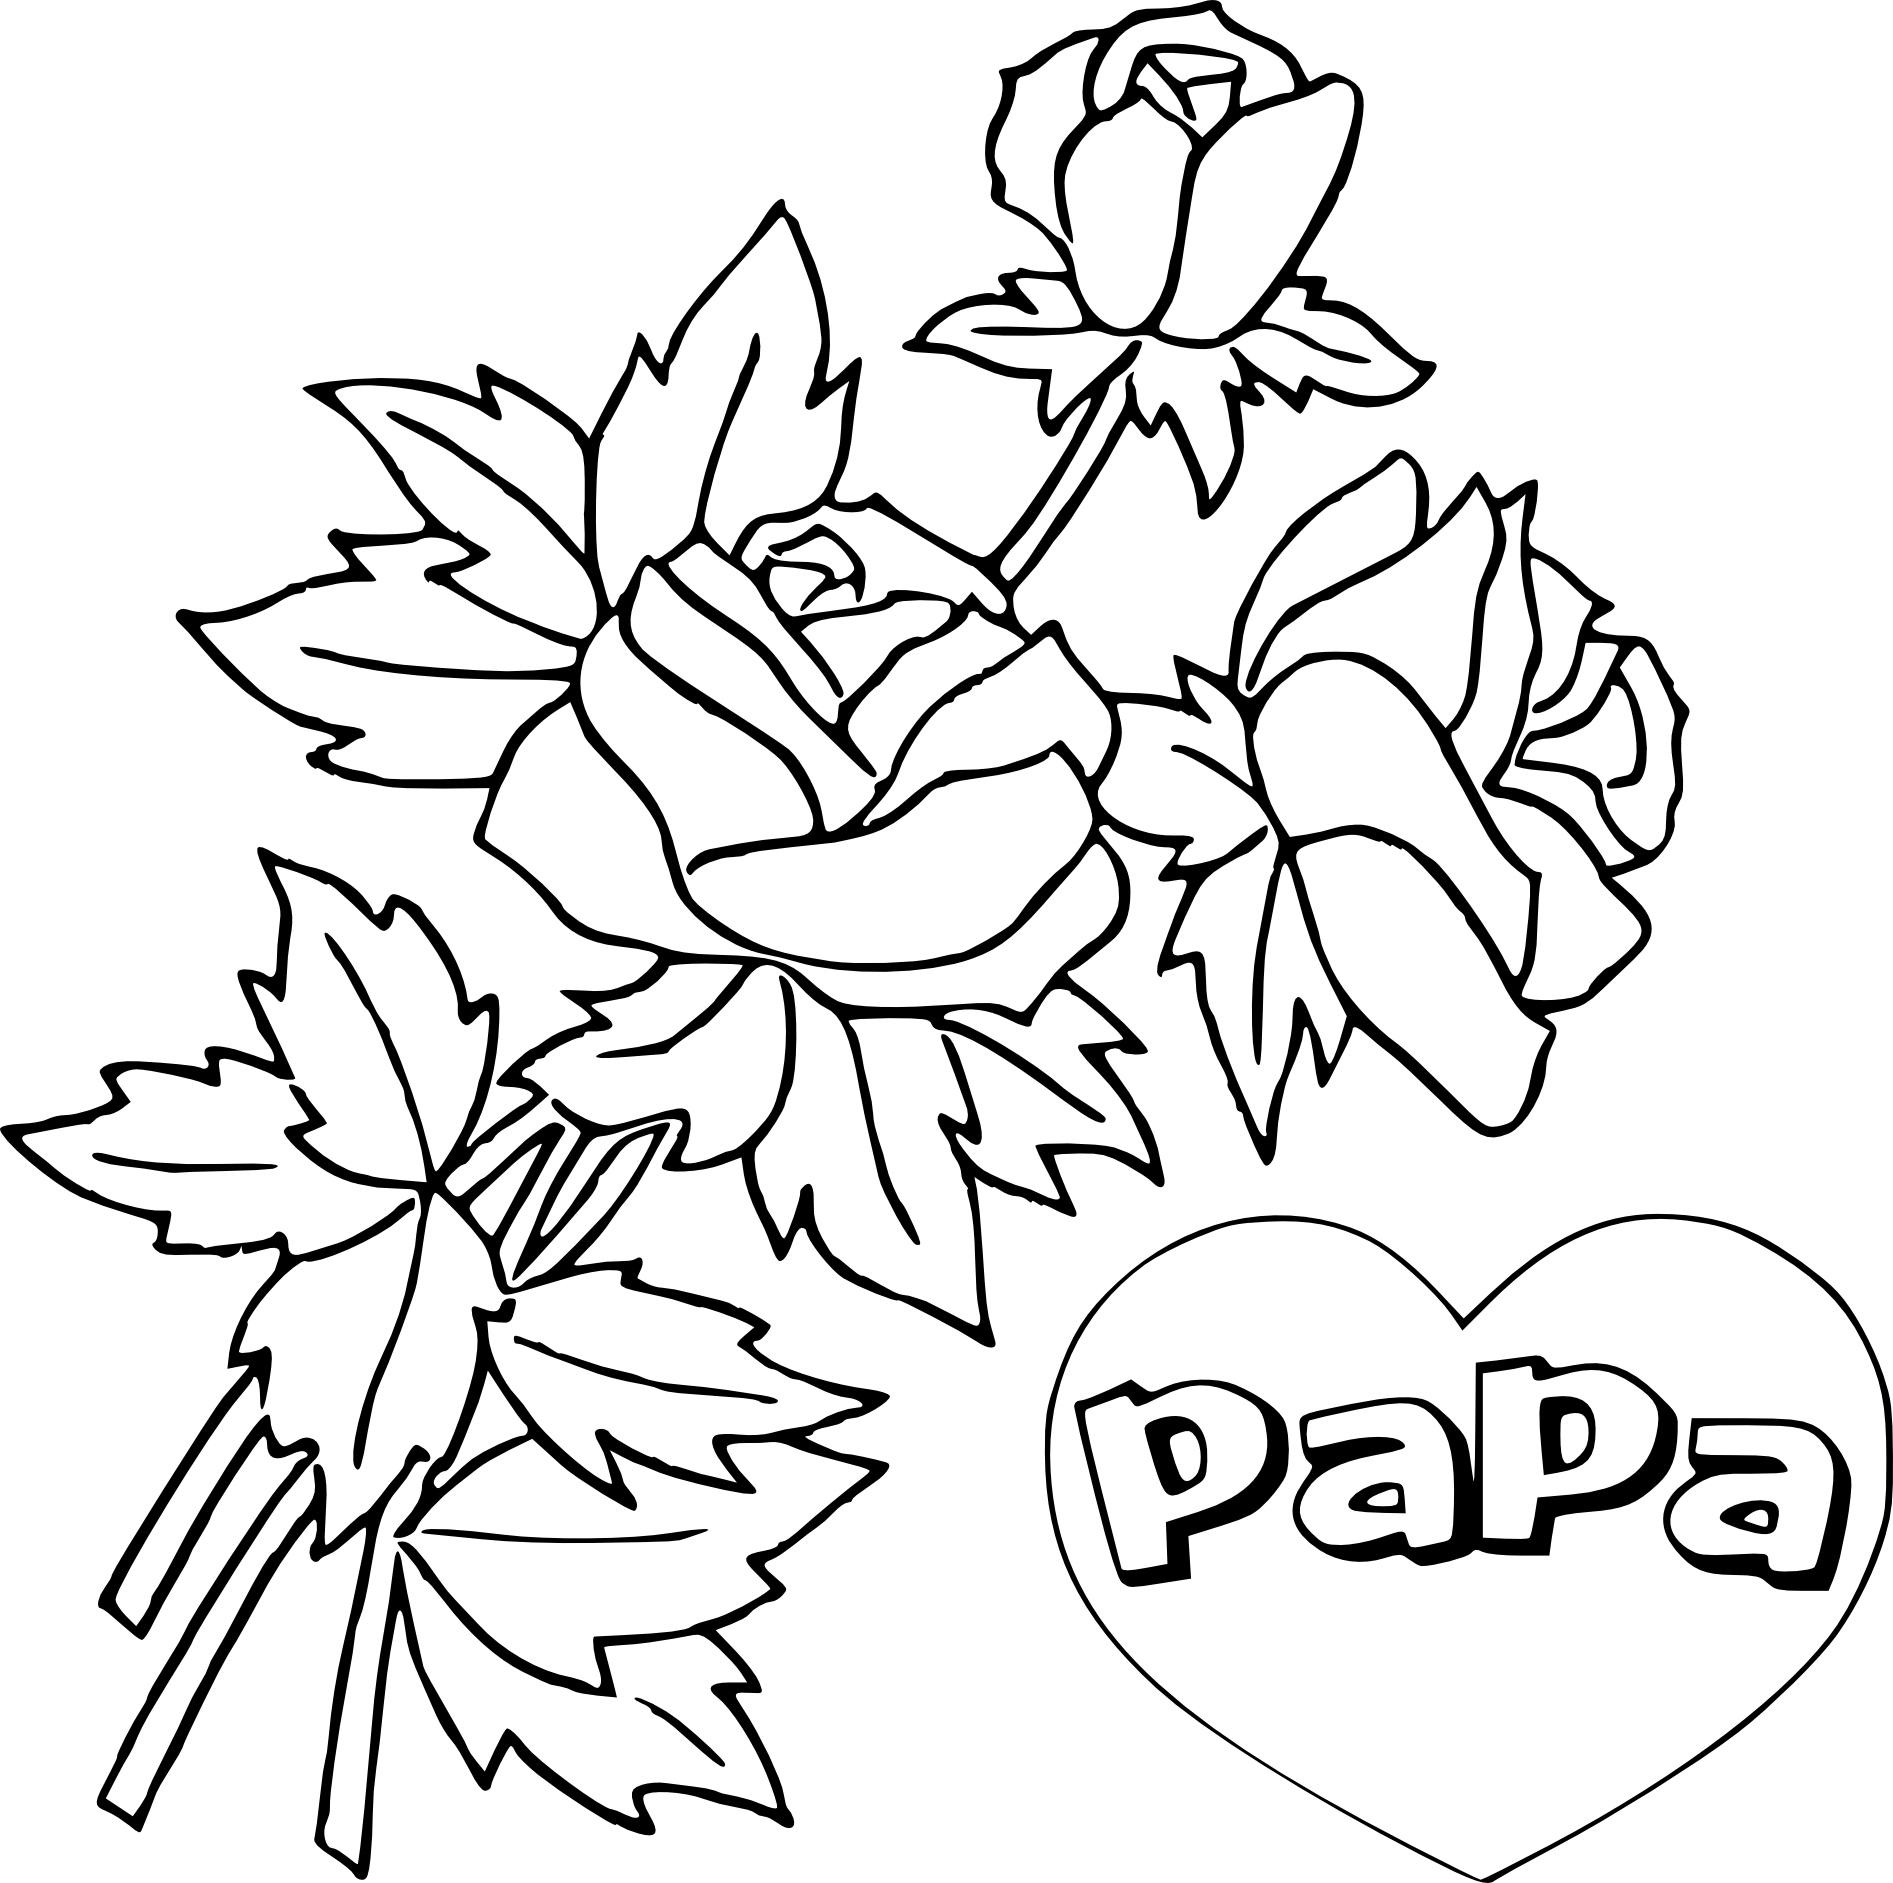 Coloriage Fête Des Pères À Imprimer à Fete Des Peres Dessin